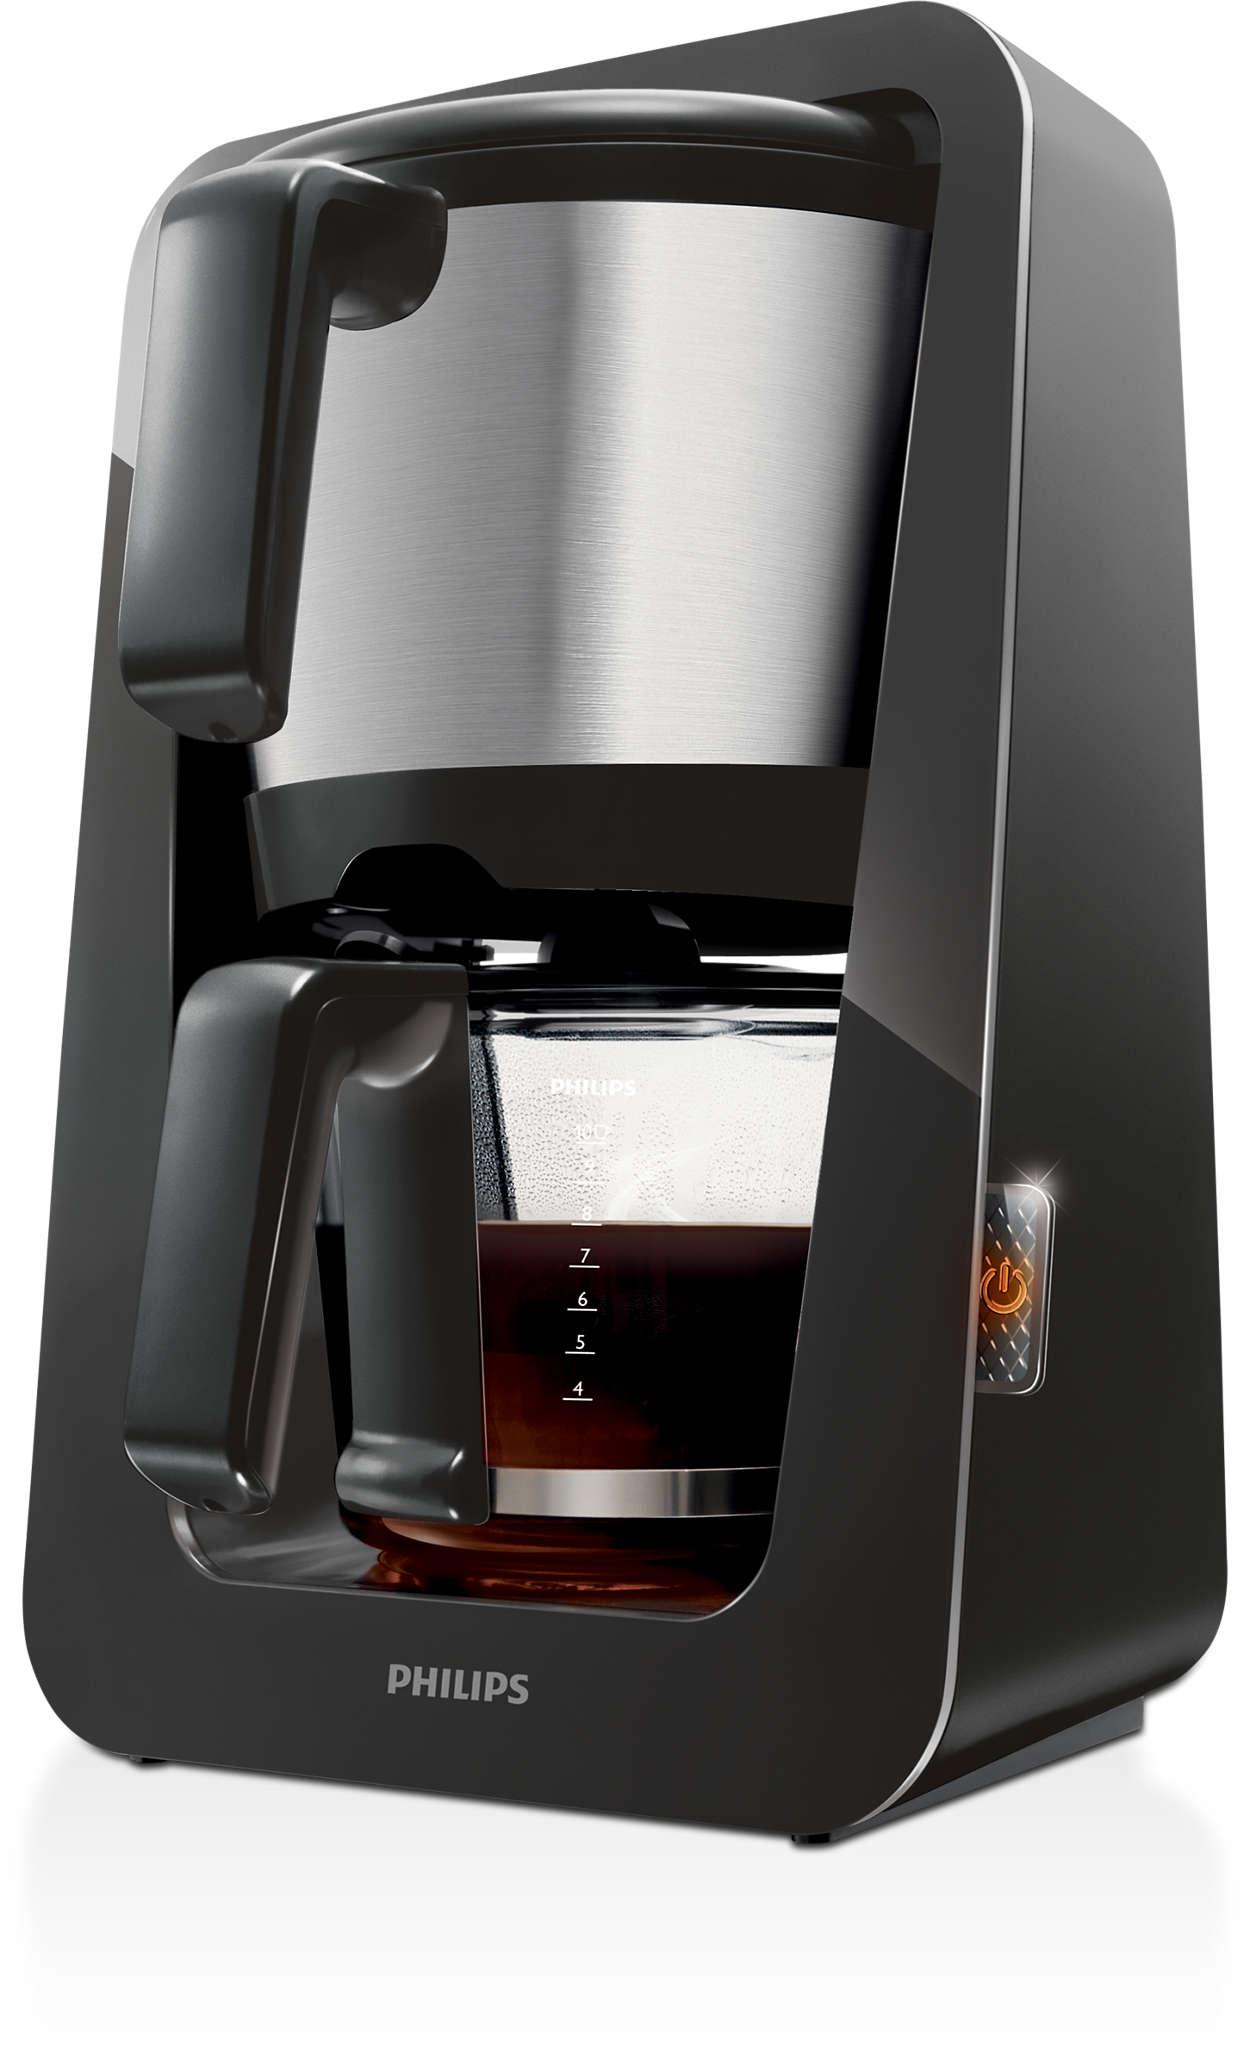 Kjernen i den helautomatiske espressomaskinen